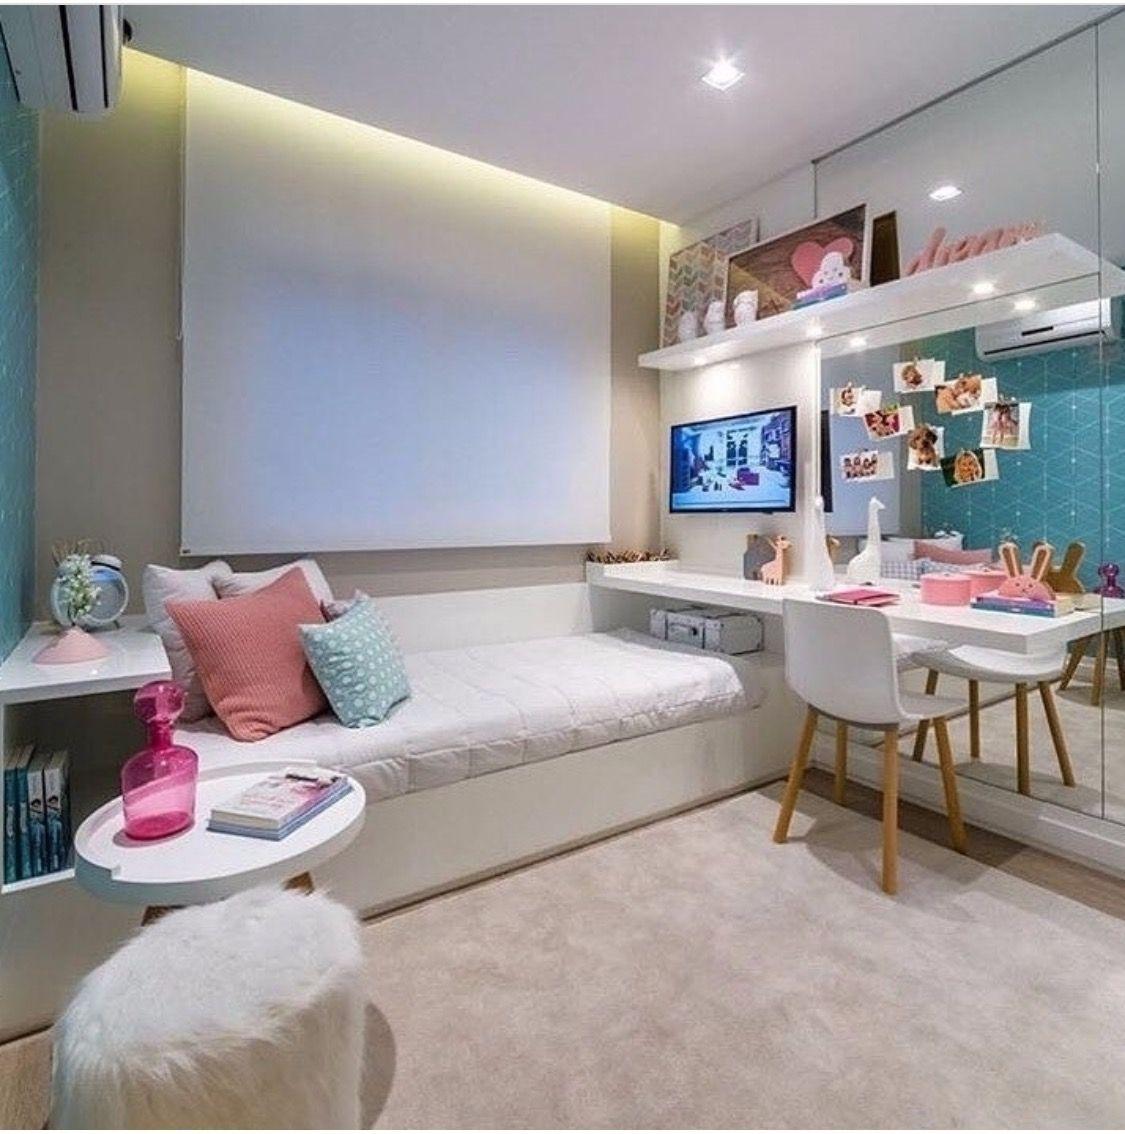 Kinderzimmer, Schlafzimmer Für Kinder, Traumzimmer, Zukünftiges Haus,  Babyzimmer, Mädchenzimmer, Schlafzimmer Ideen, Kommentar, Innenarchitektur